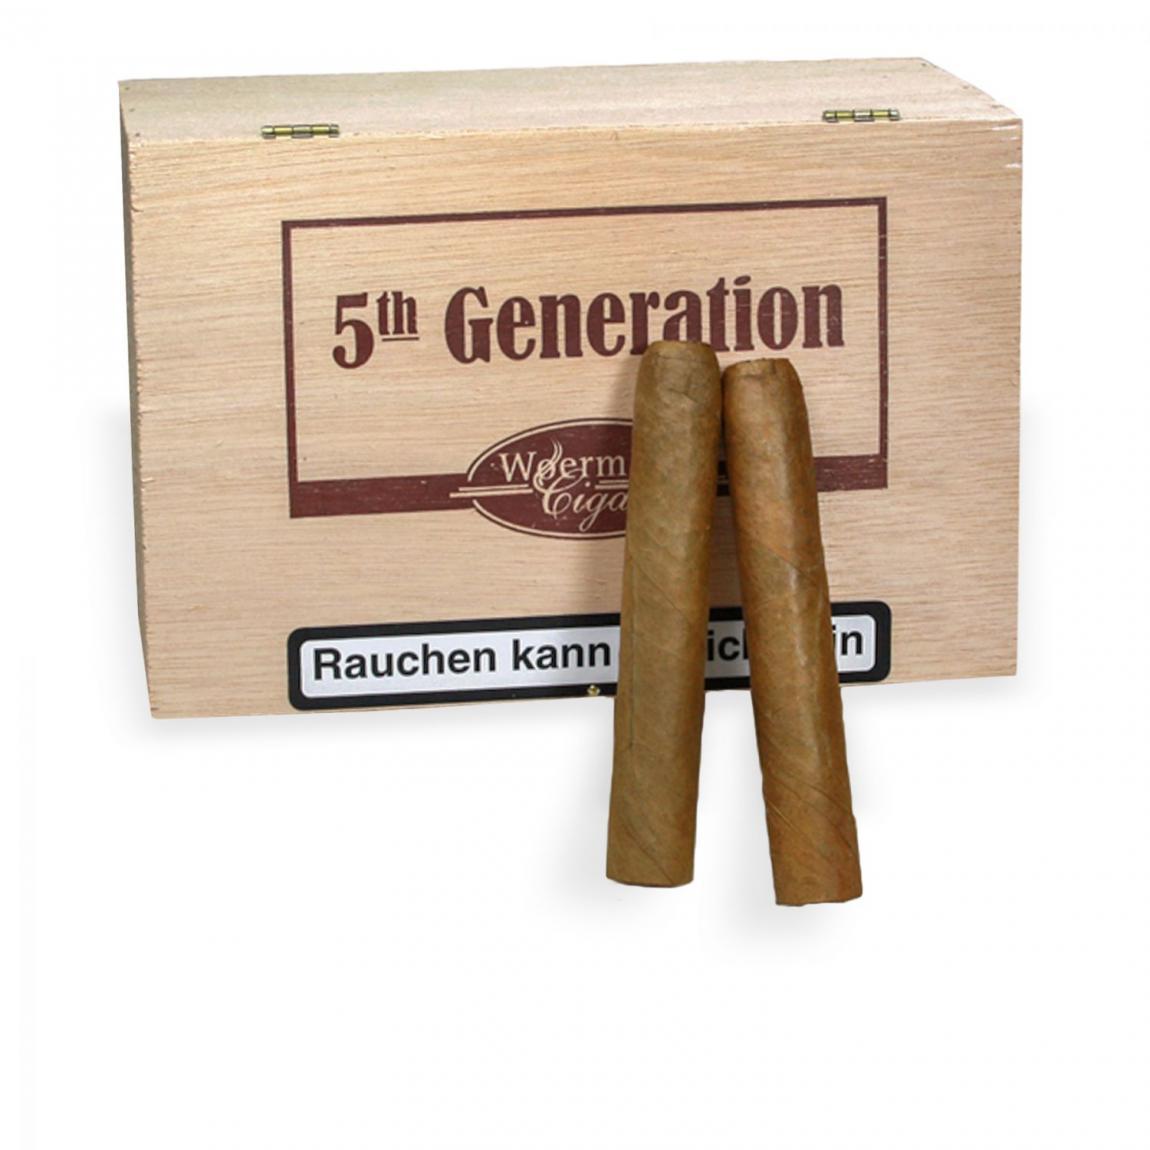 5th Generation »Corona Sumatra« 50er Kiste